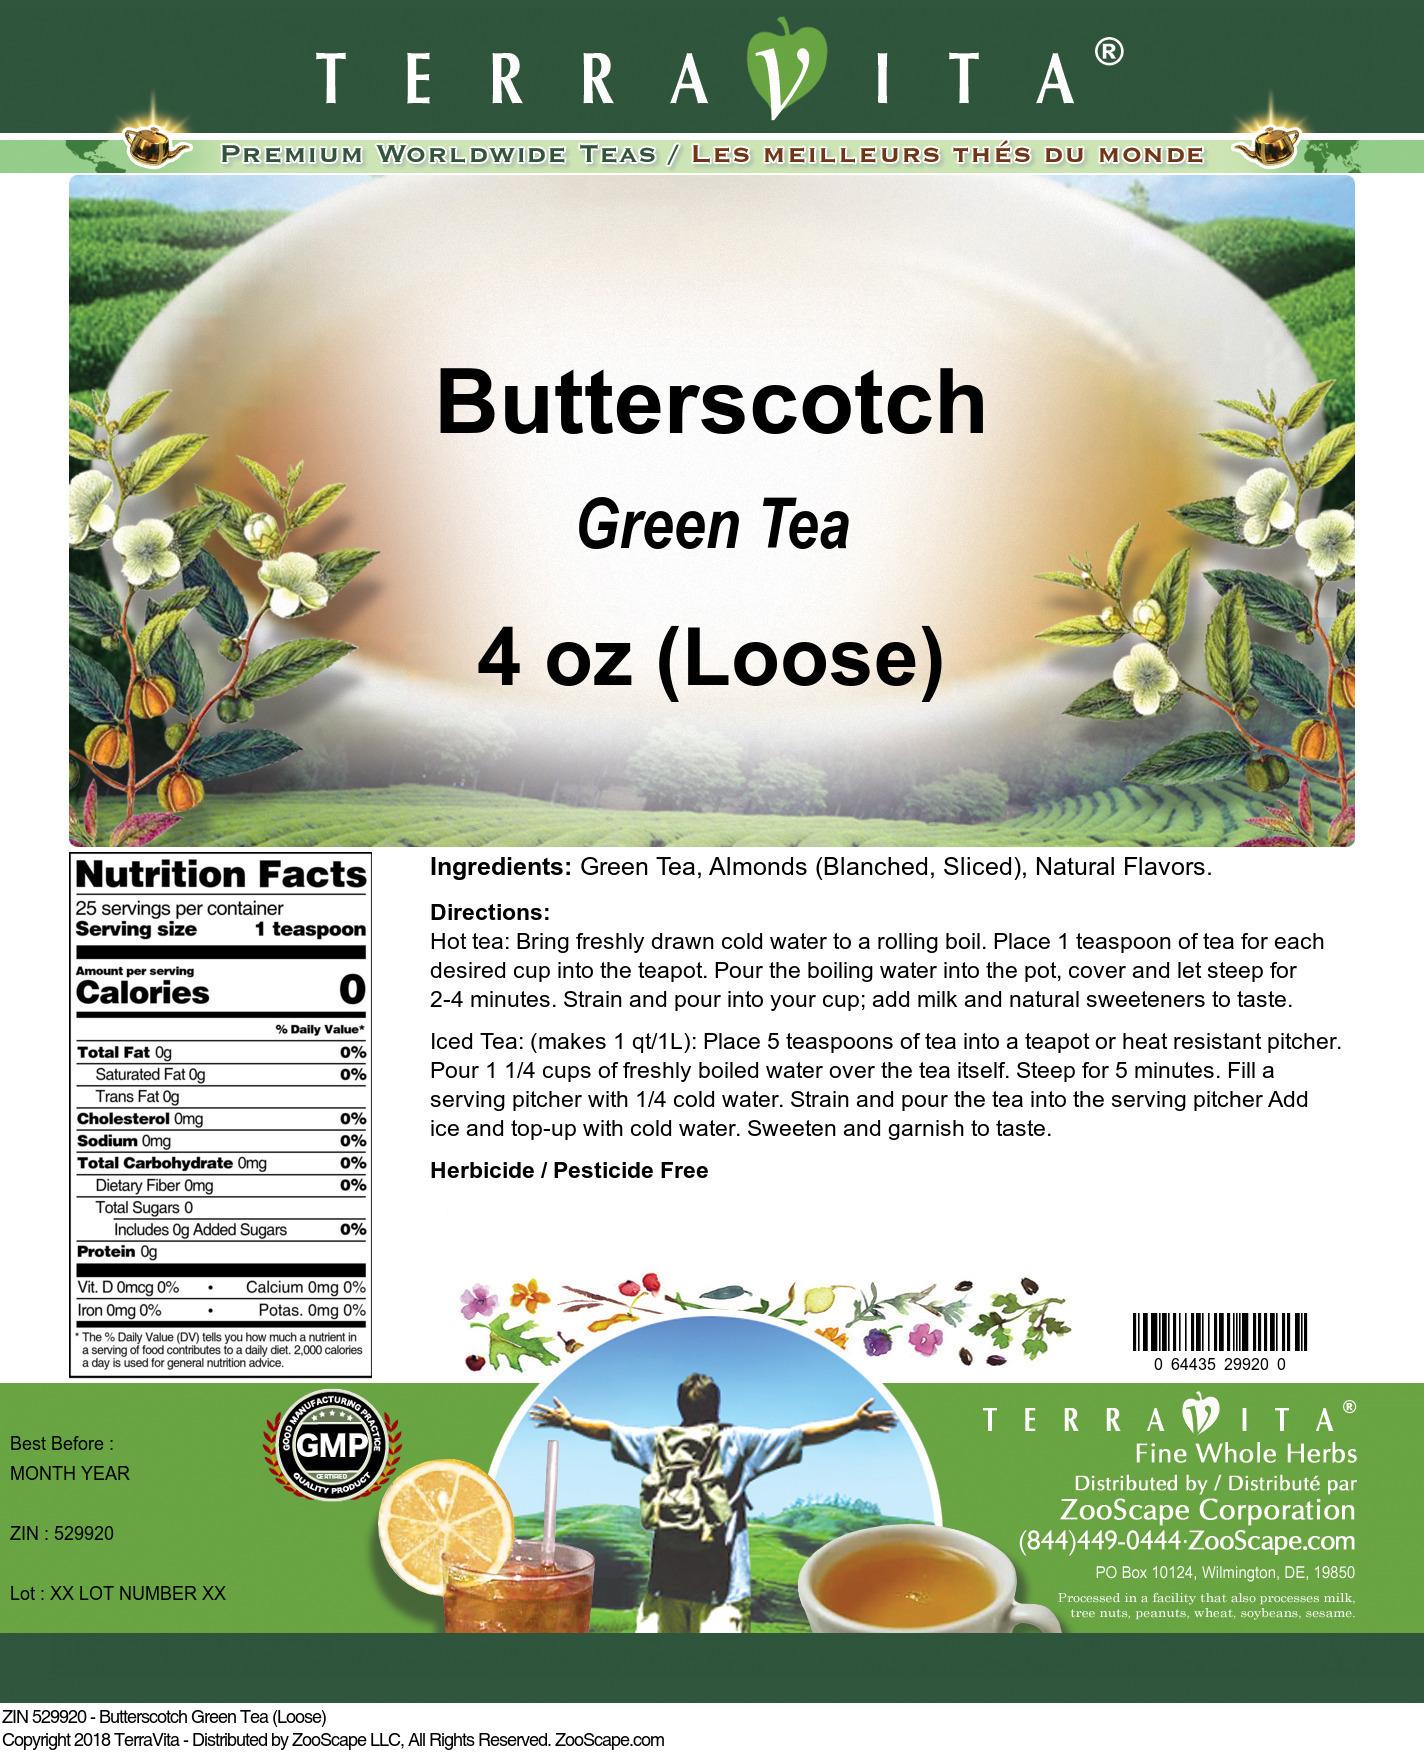 Butterscotch Green Tea